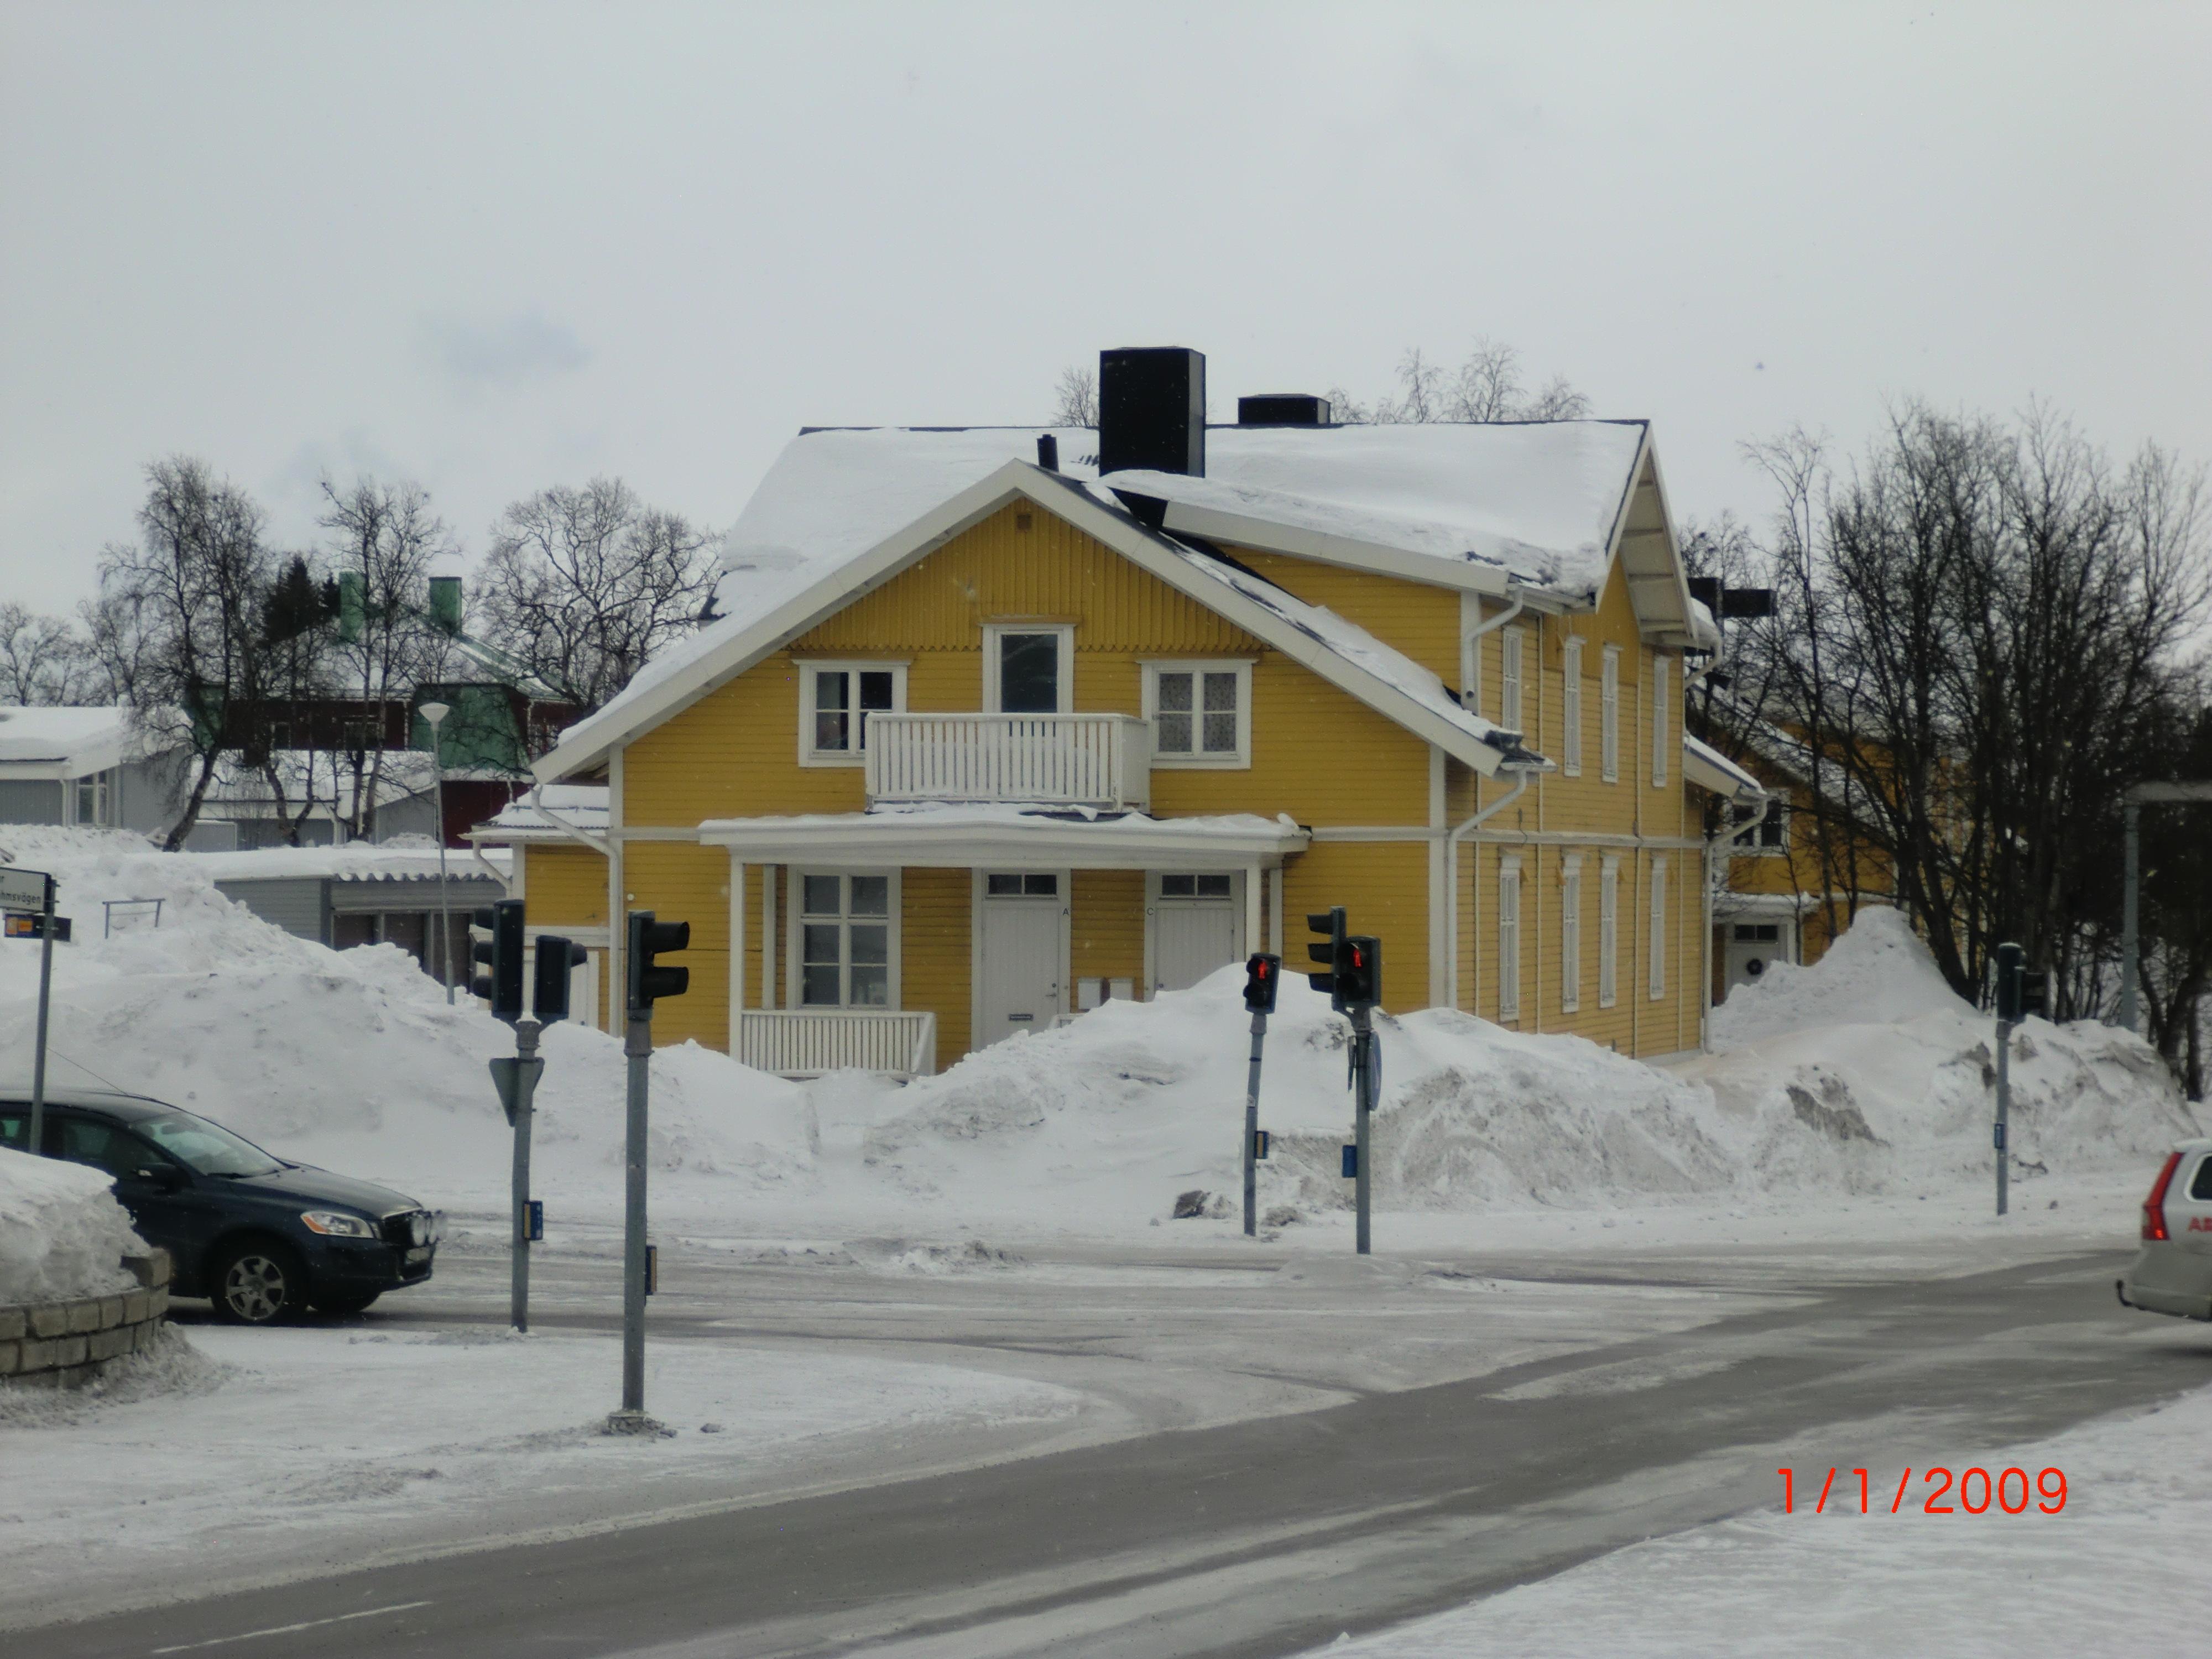 viajes a la nieve con bus: